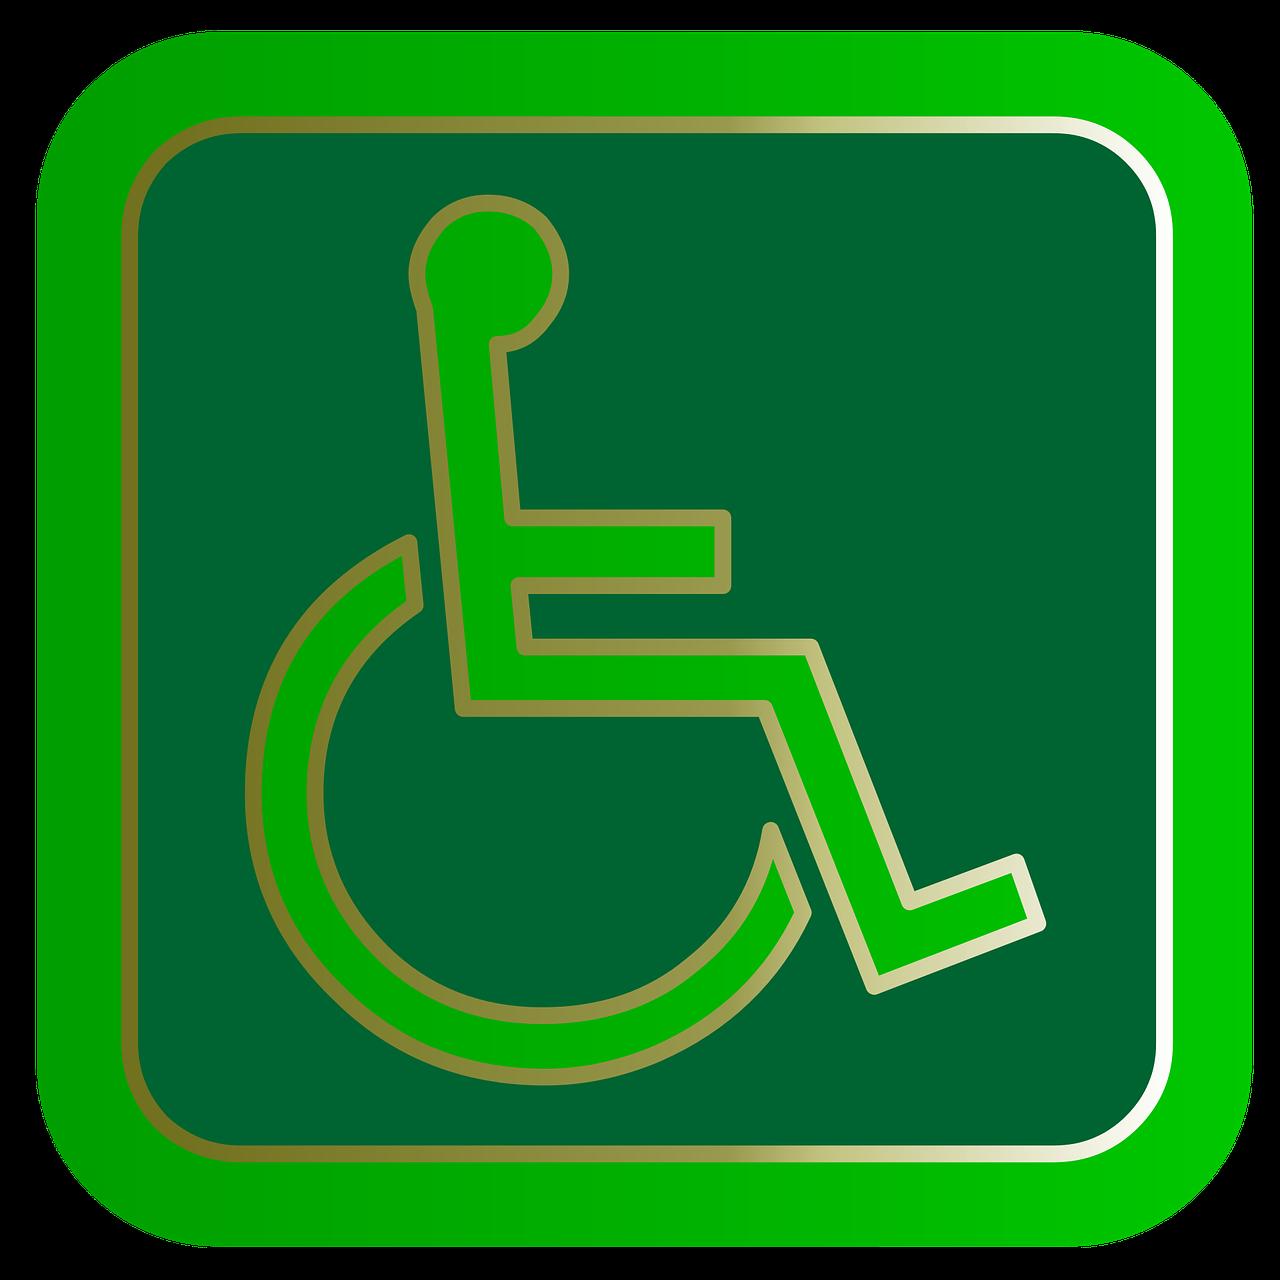 Lunchroom Hof van Sijthoff Gemiva - SVG Groep beoordelingen instelling gehandicaptenzorg verstandelijk gehandicapten